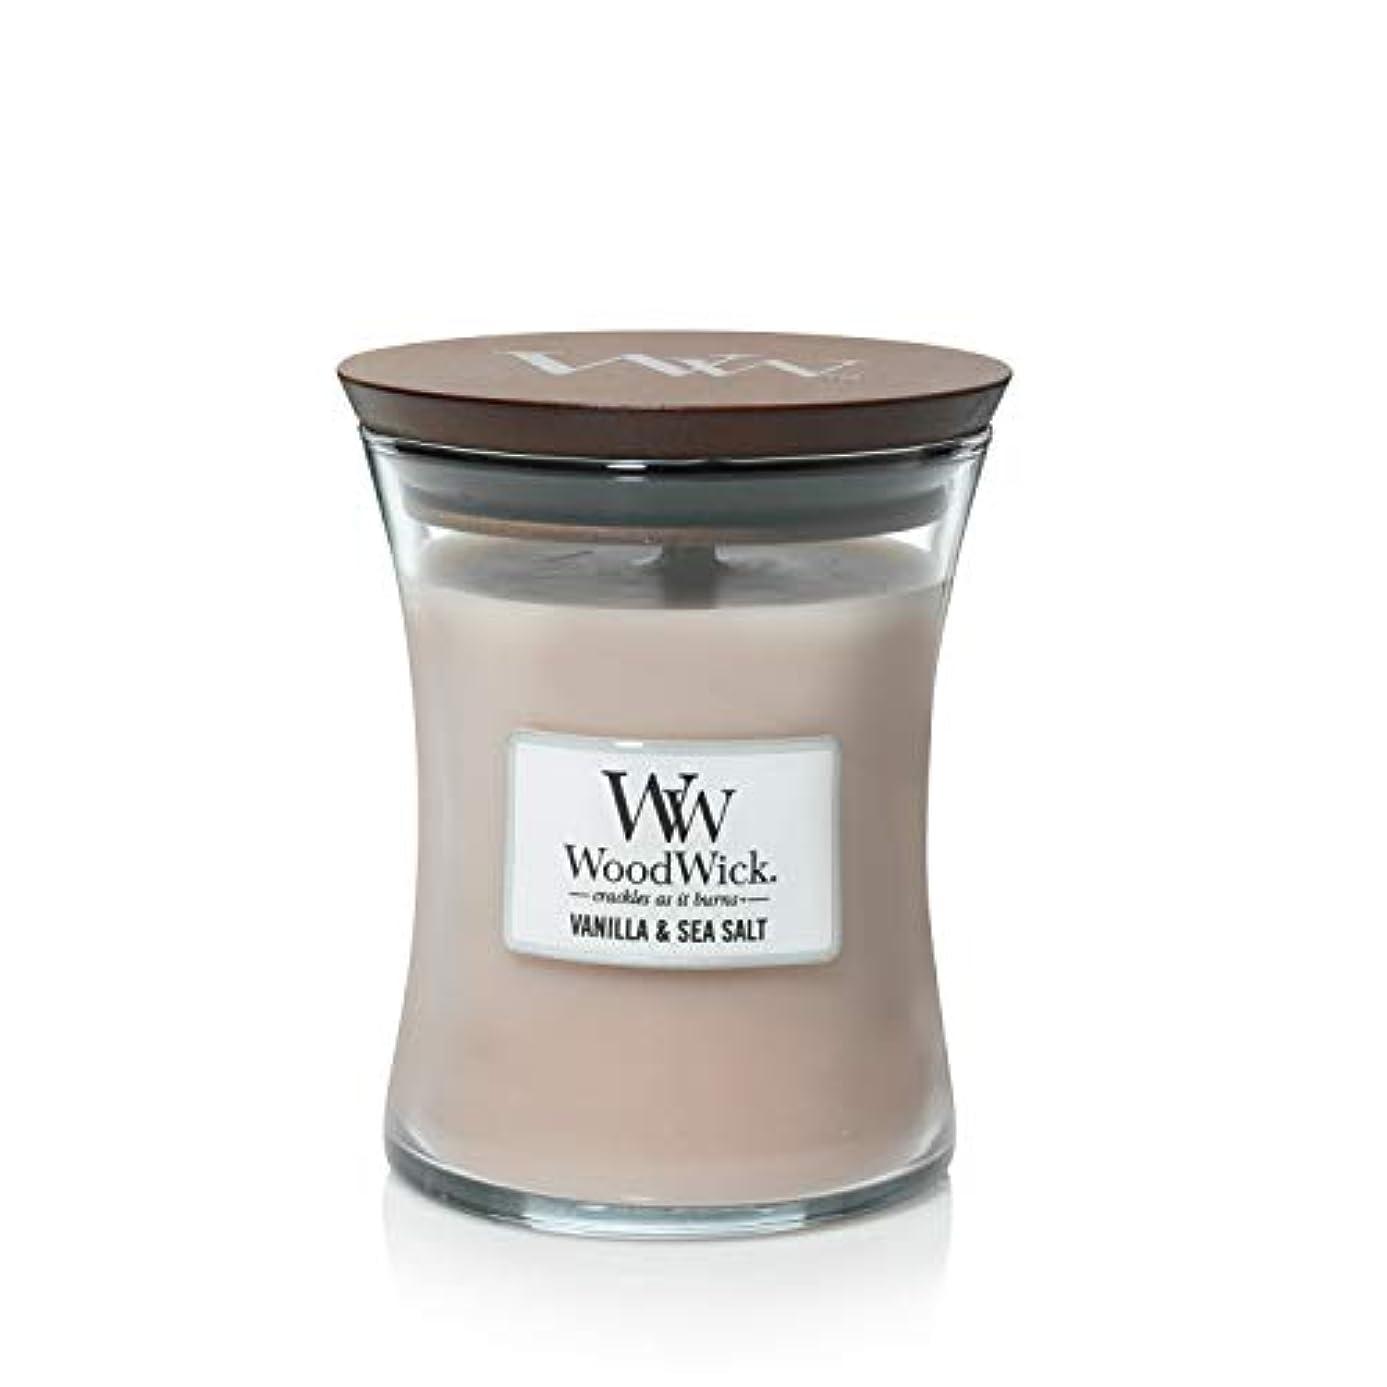 悔い改めつぼみ暴君バニラSea Salt WoodWick 10 oz Medium砂時計Jar Candle Burns 100時間